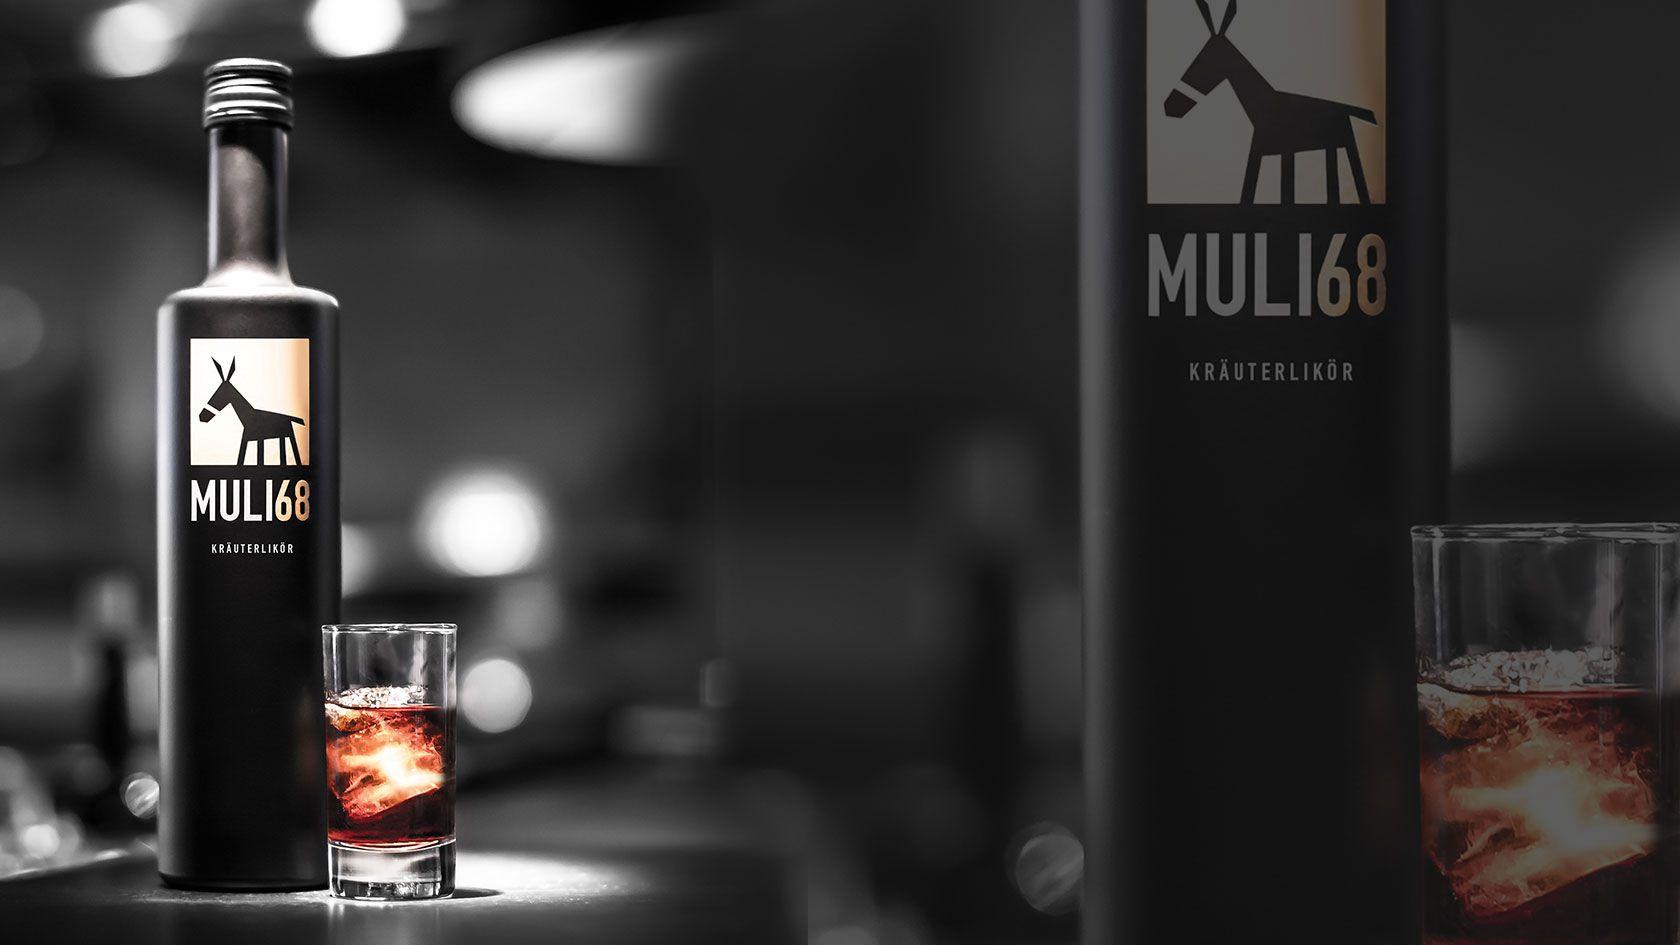 Muli 68 Getränke GmbH auf kapilendo – Der Kreditmarktplatz